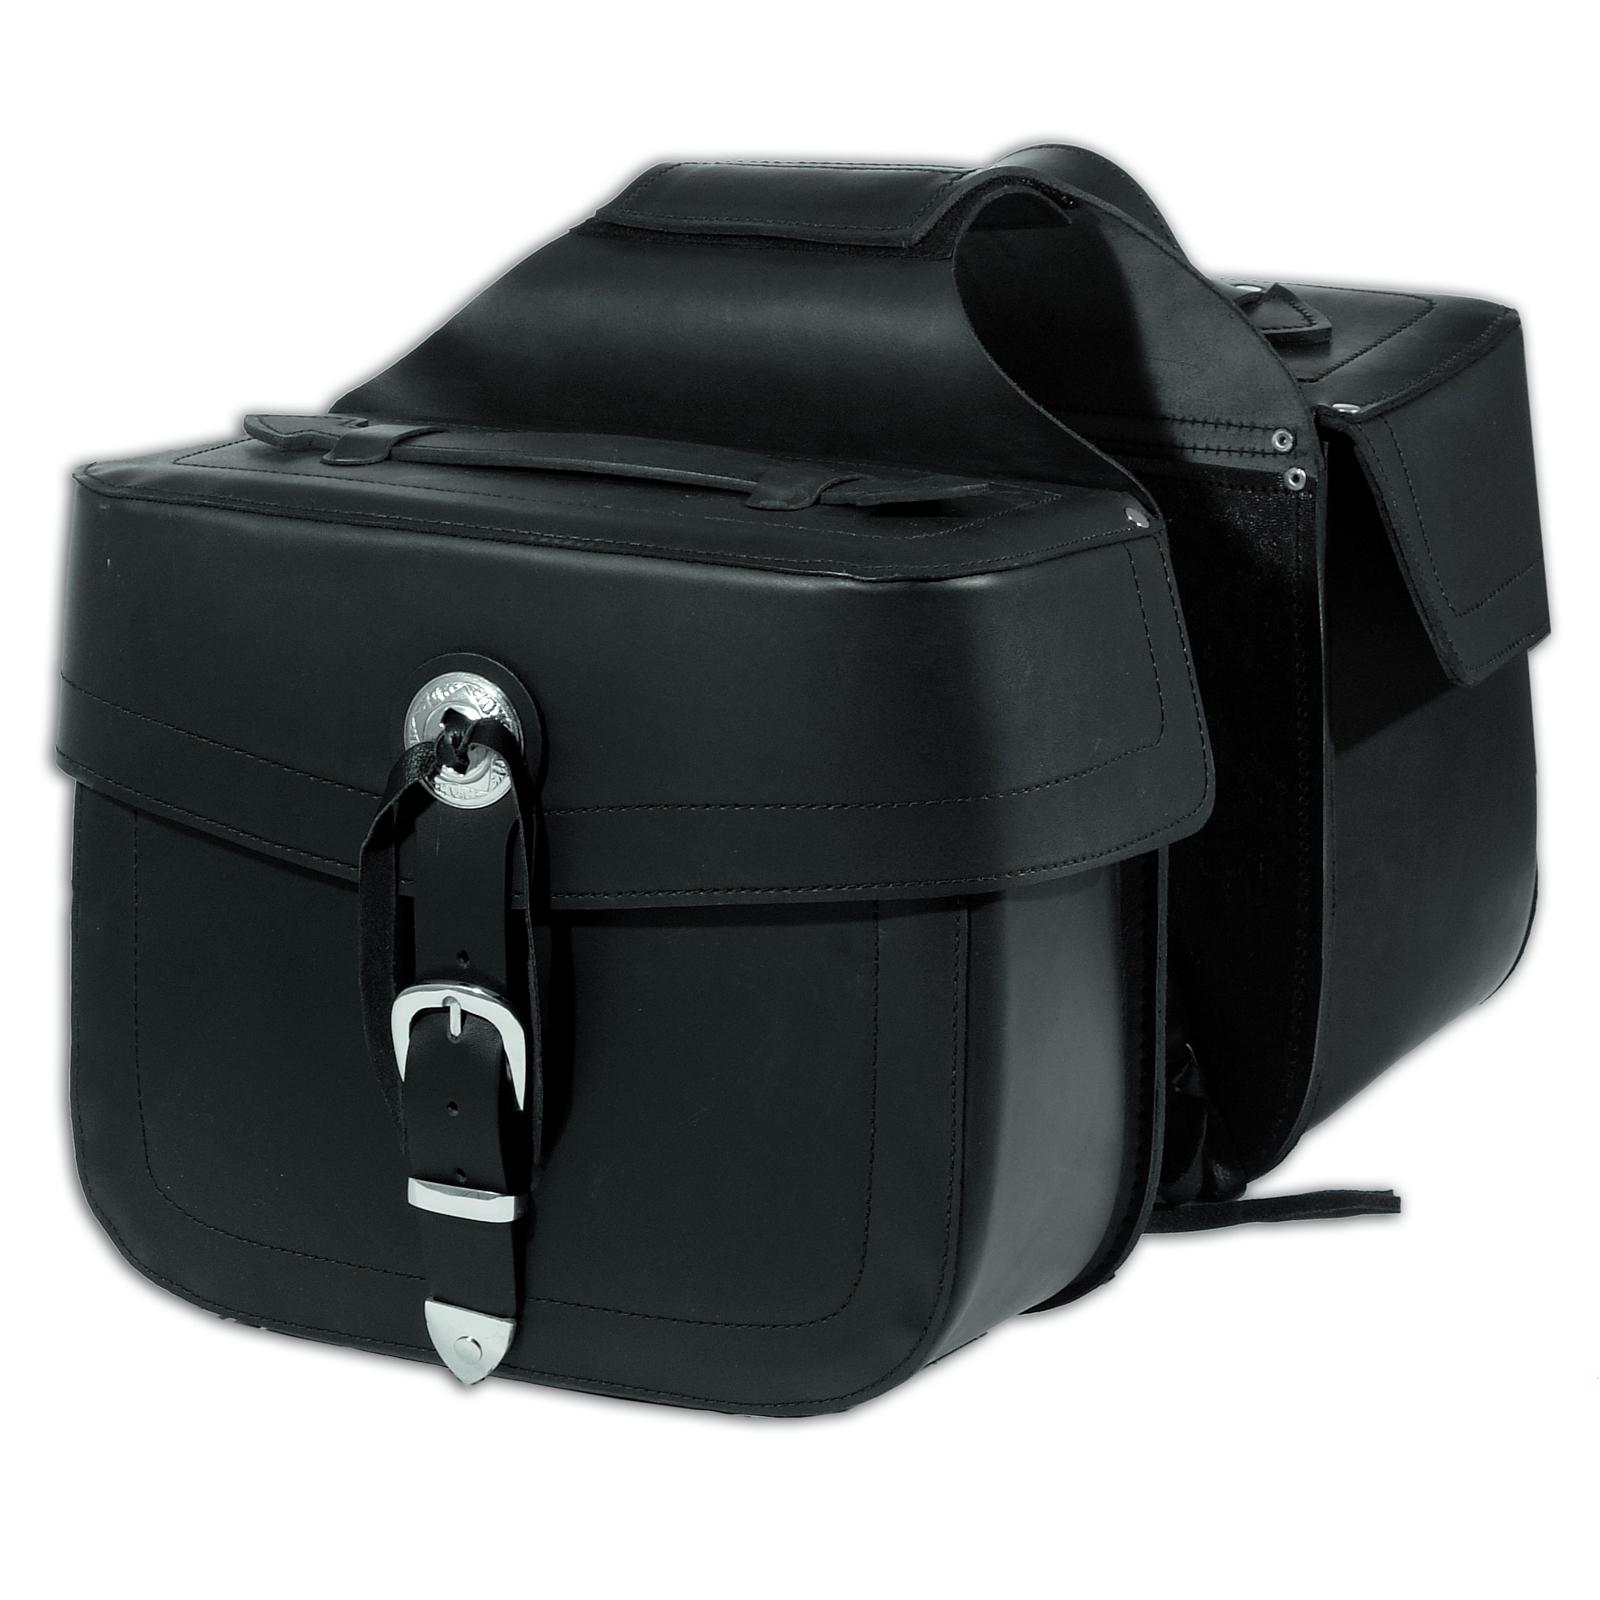 packtaschen satteltaschen universal fit motorrad gepaeck koffer schwarz. Black Bedroom Furniture Sets. Home Design Ideas